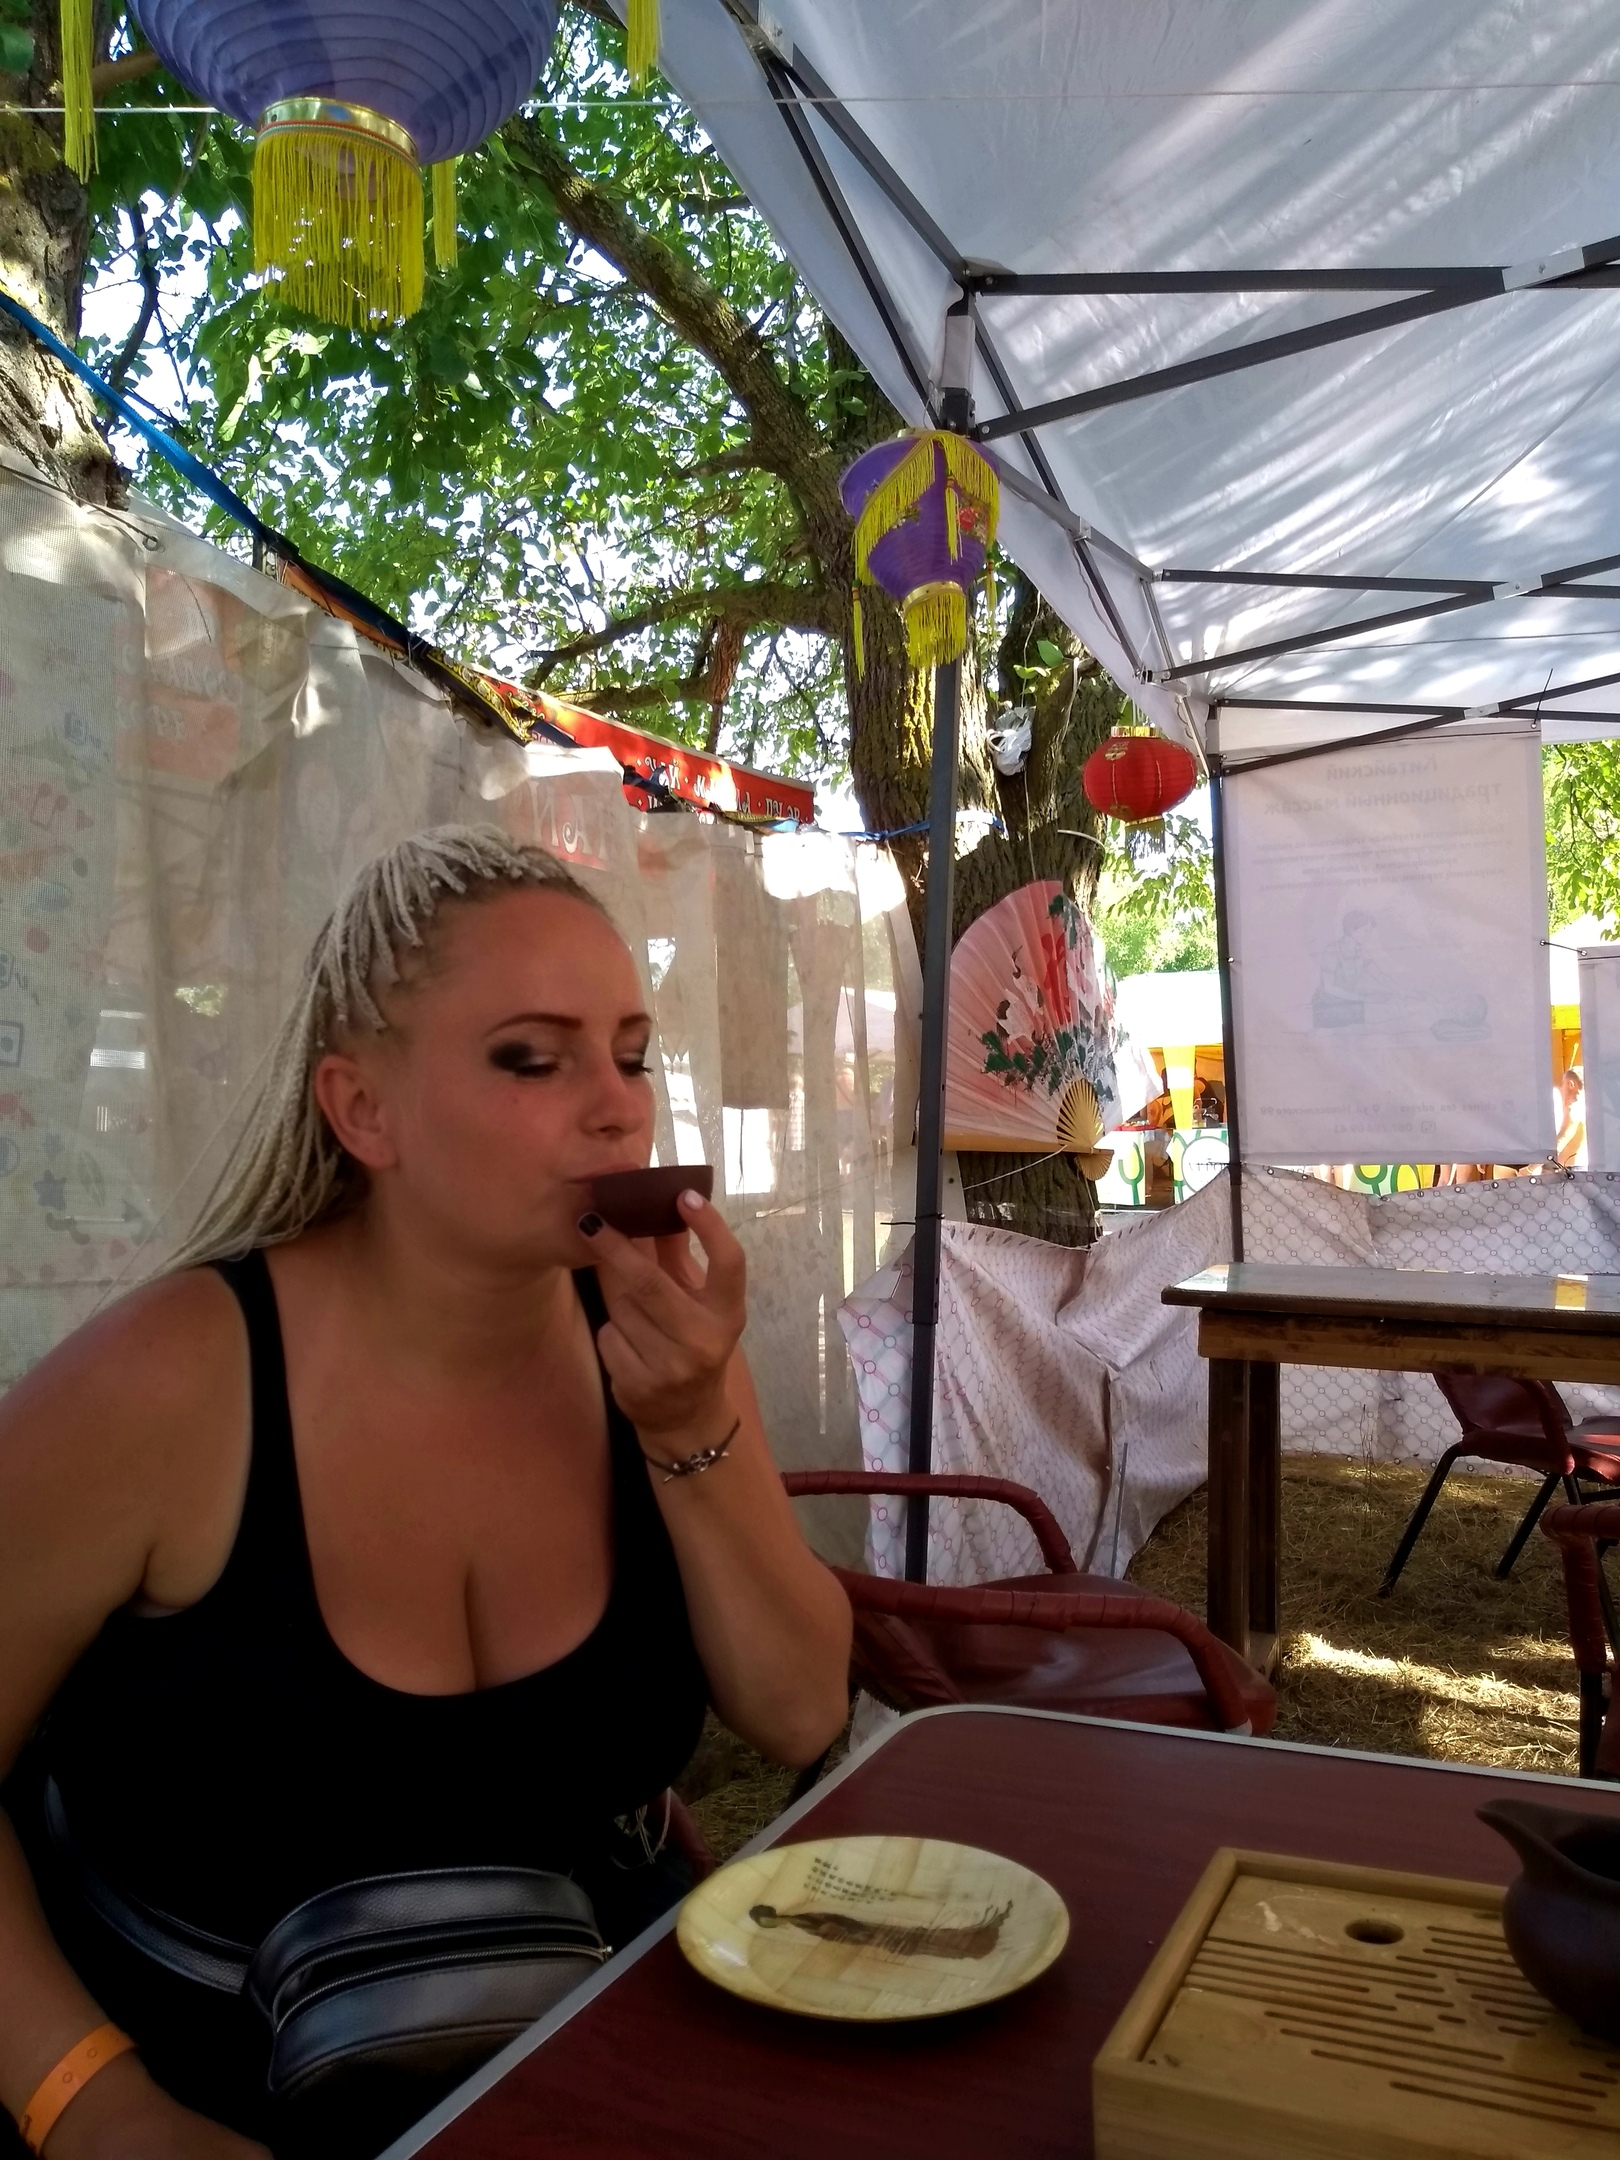 Елена Руденко (Валтея). Эзотерический фестиваль. Одесская сказка 2018 г. - Страница 8 A_5Uf3ITH2Q